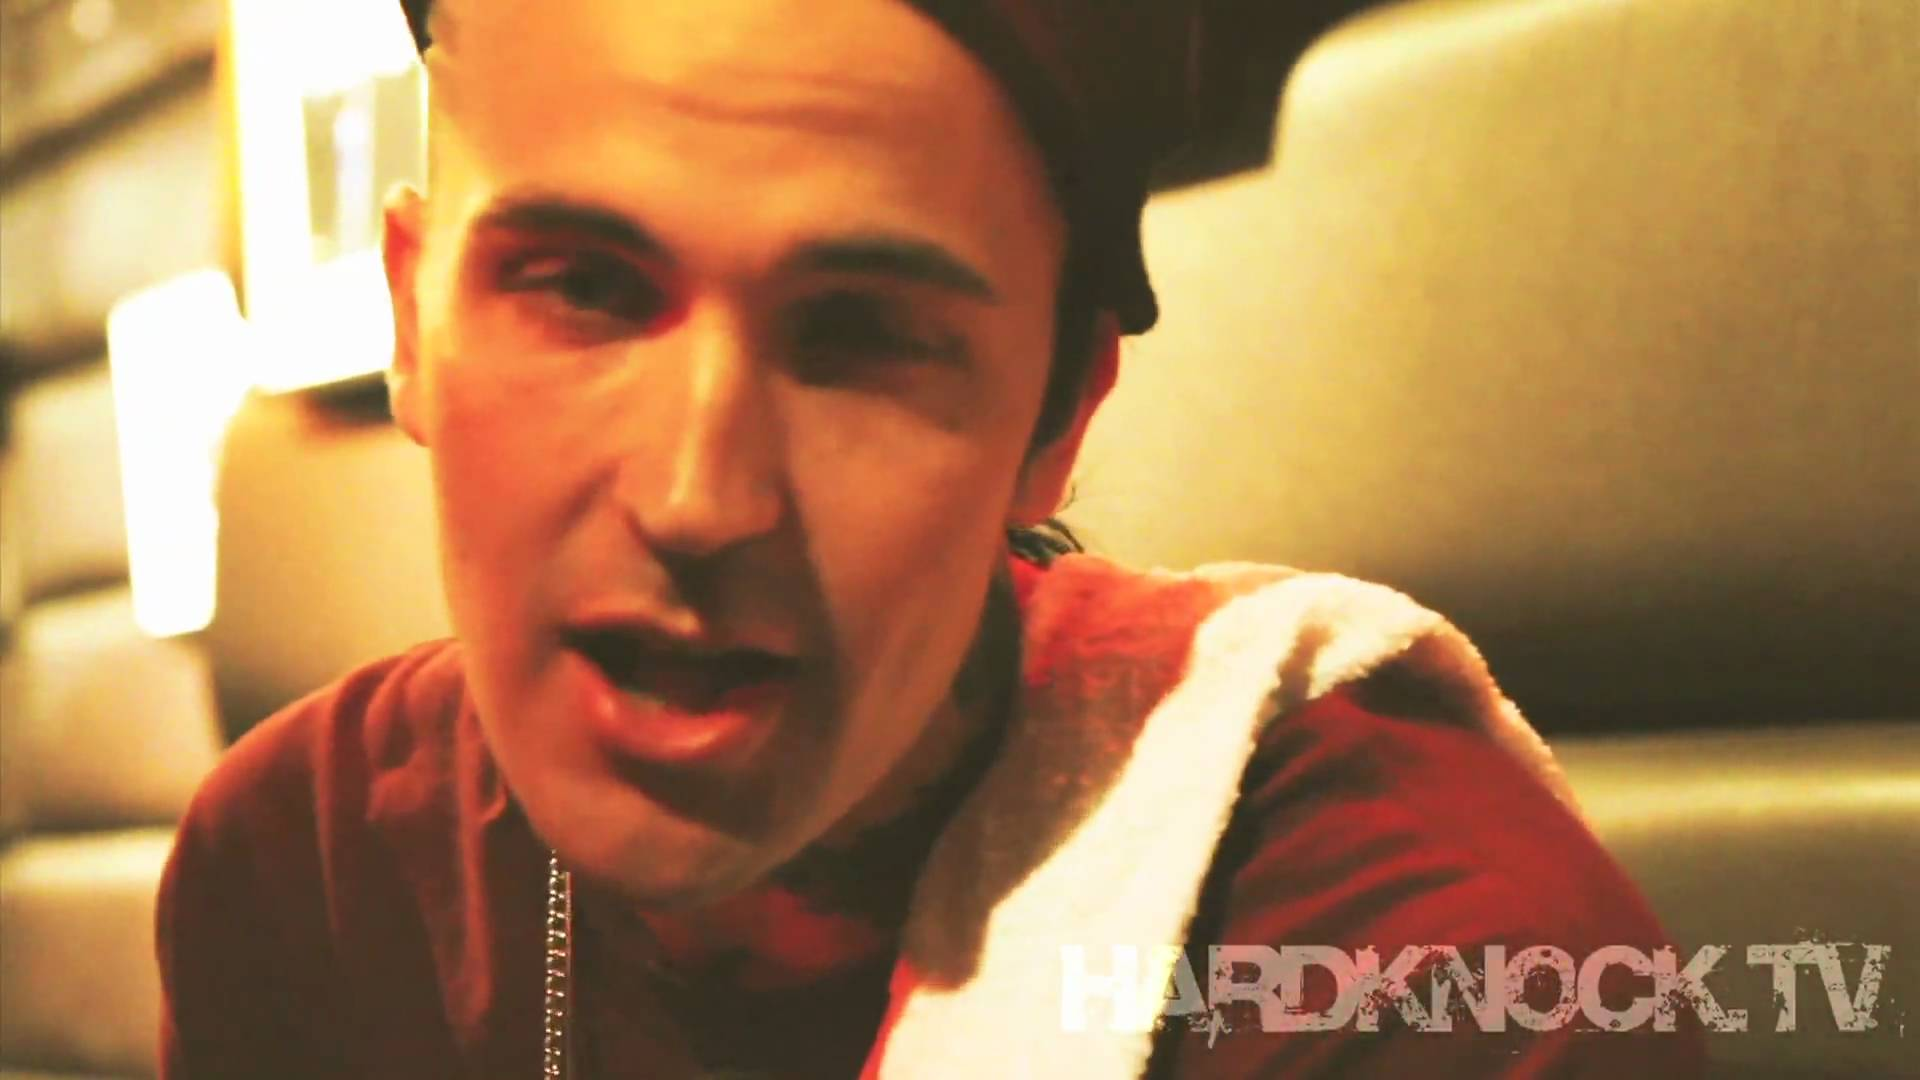 YelaWolf talks Top 5 favorite albums, Eminem, Wu-Tang, Hiero, Skateboarding